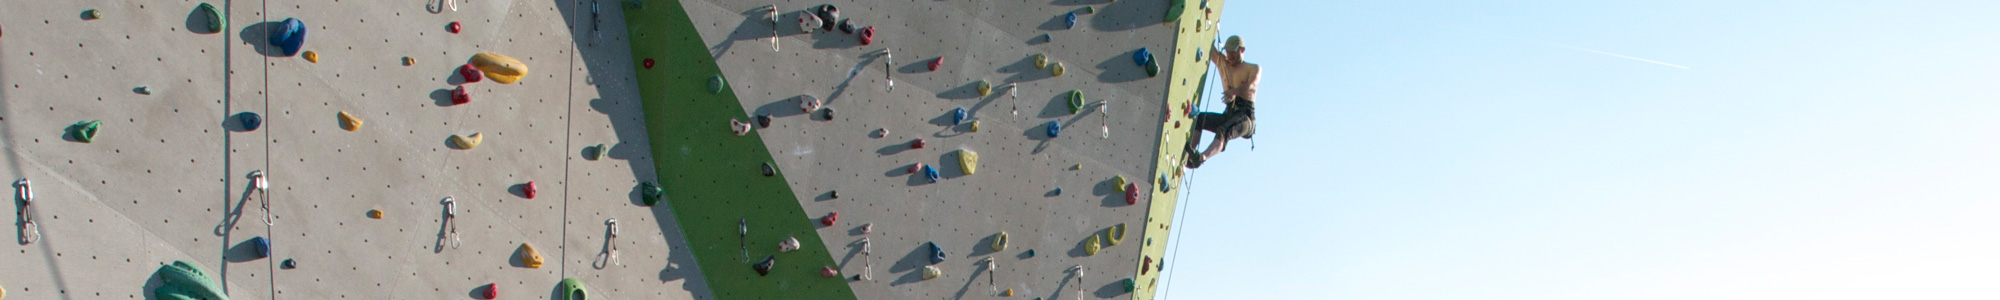 slide-klettern-03